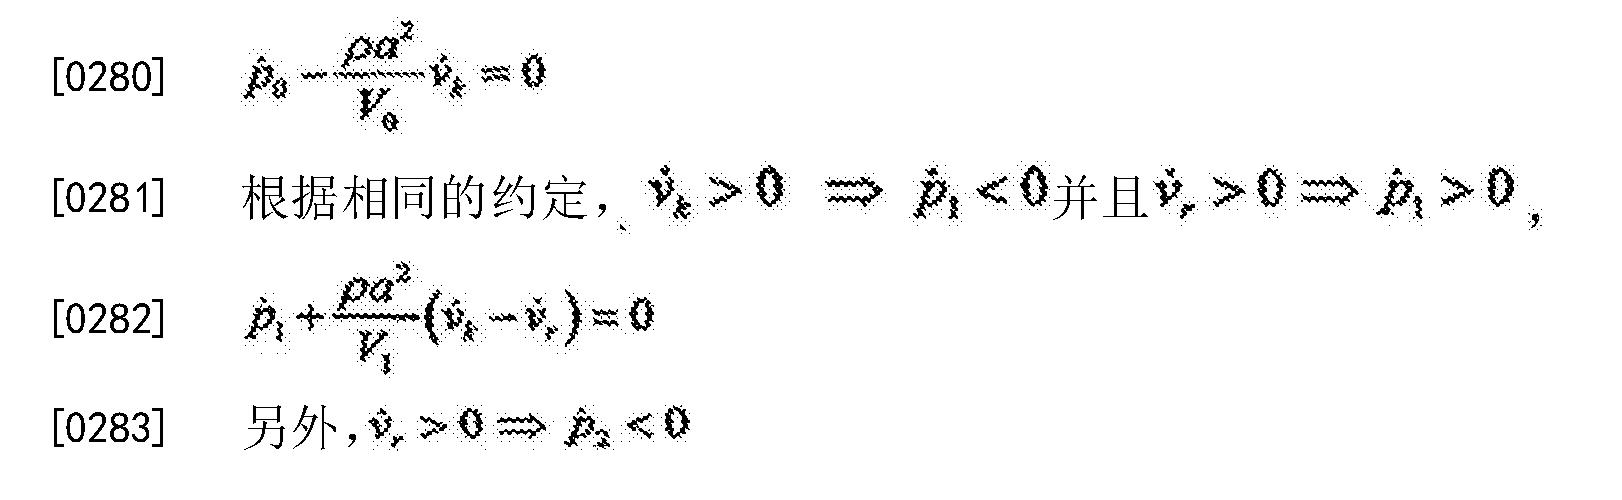 Figure CN103736165BD00233